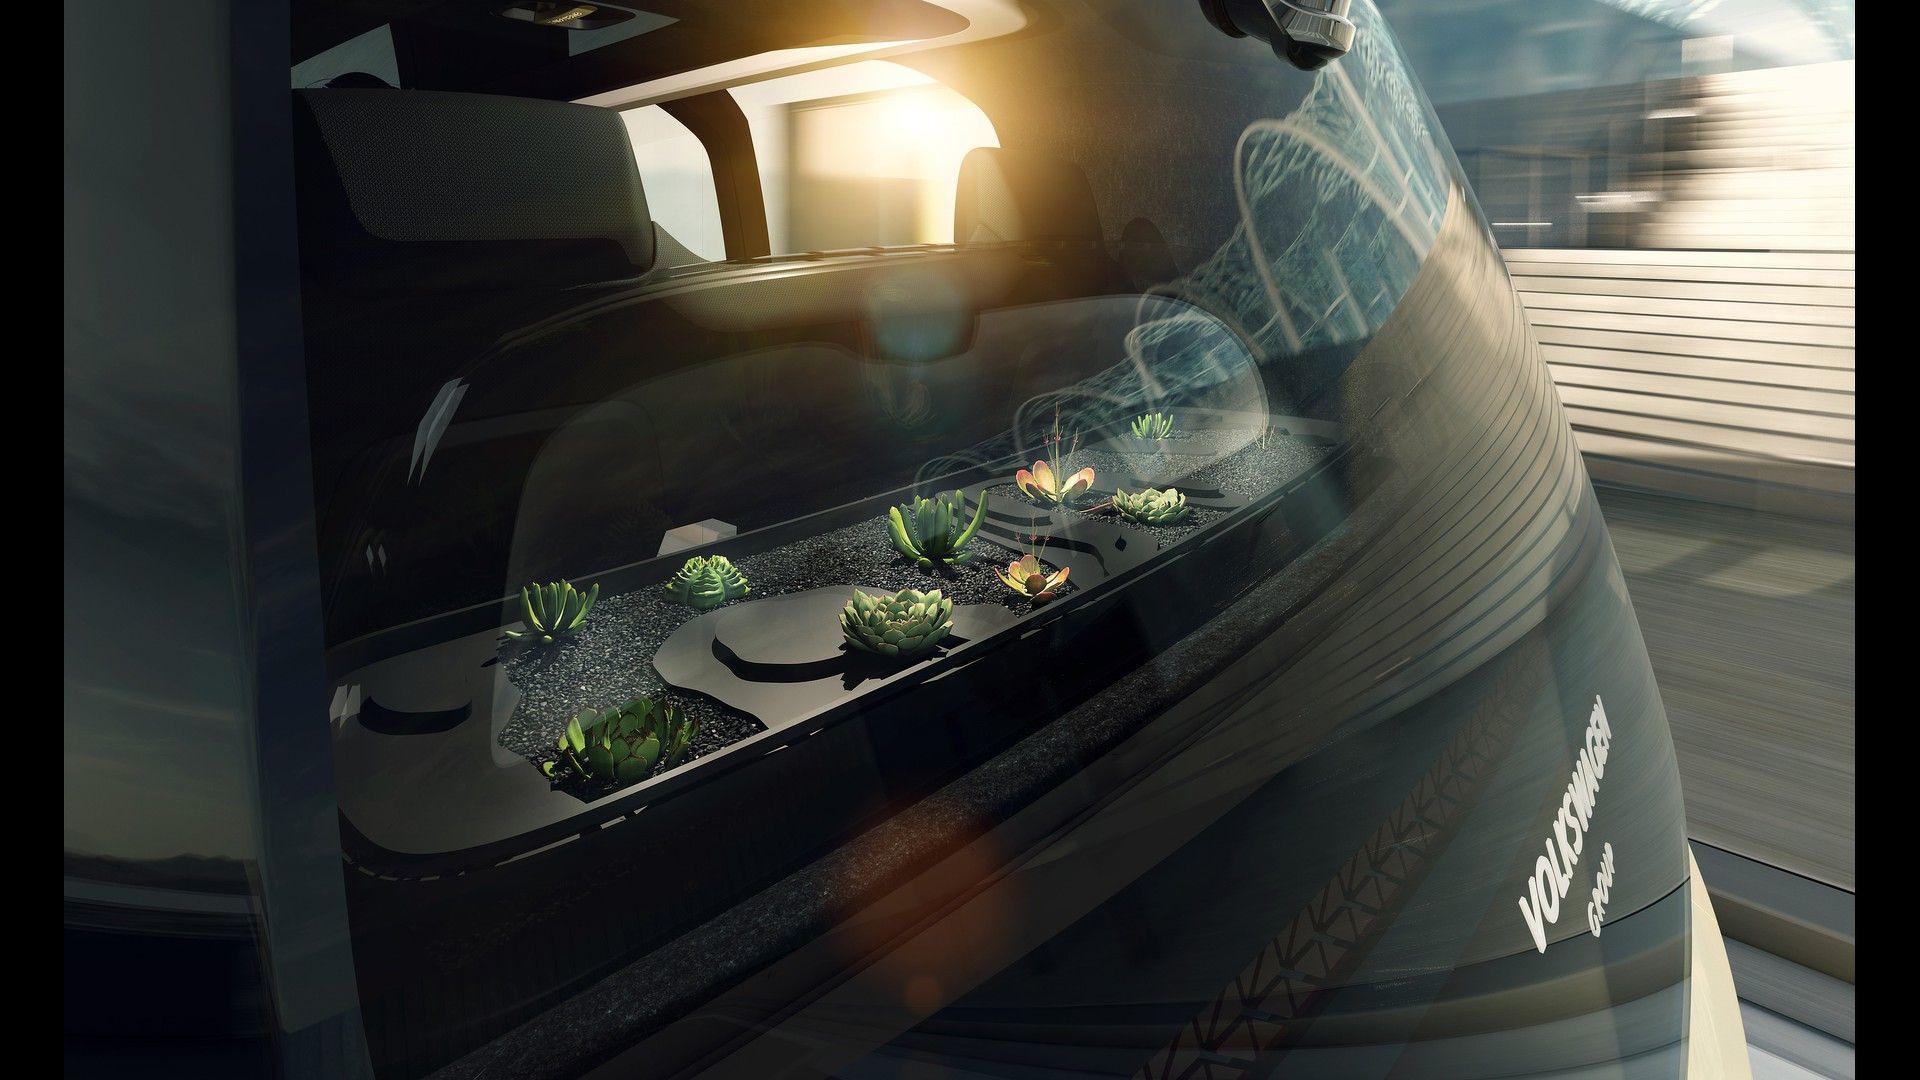 Volkswagen Sedric concept (22)